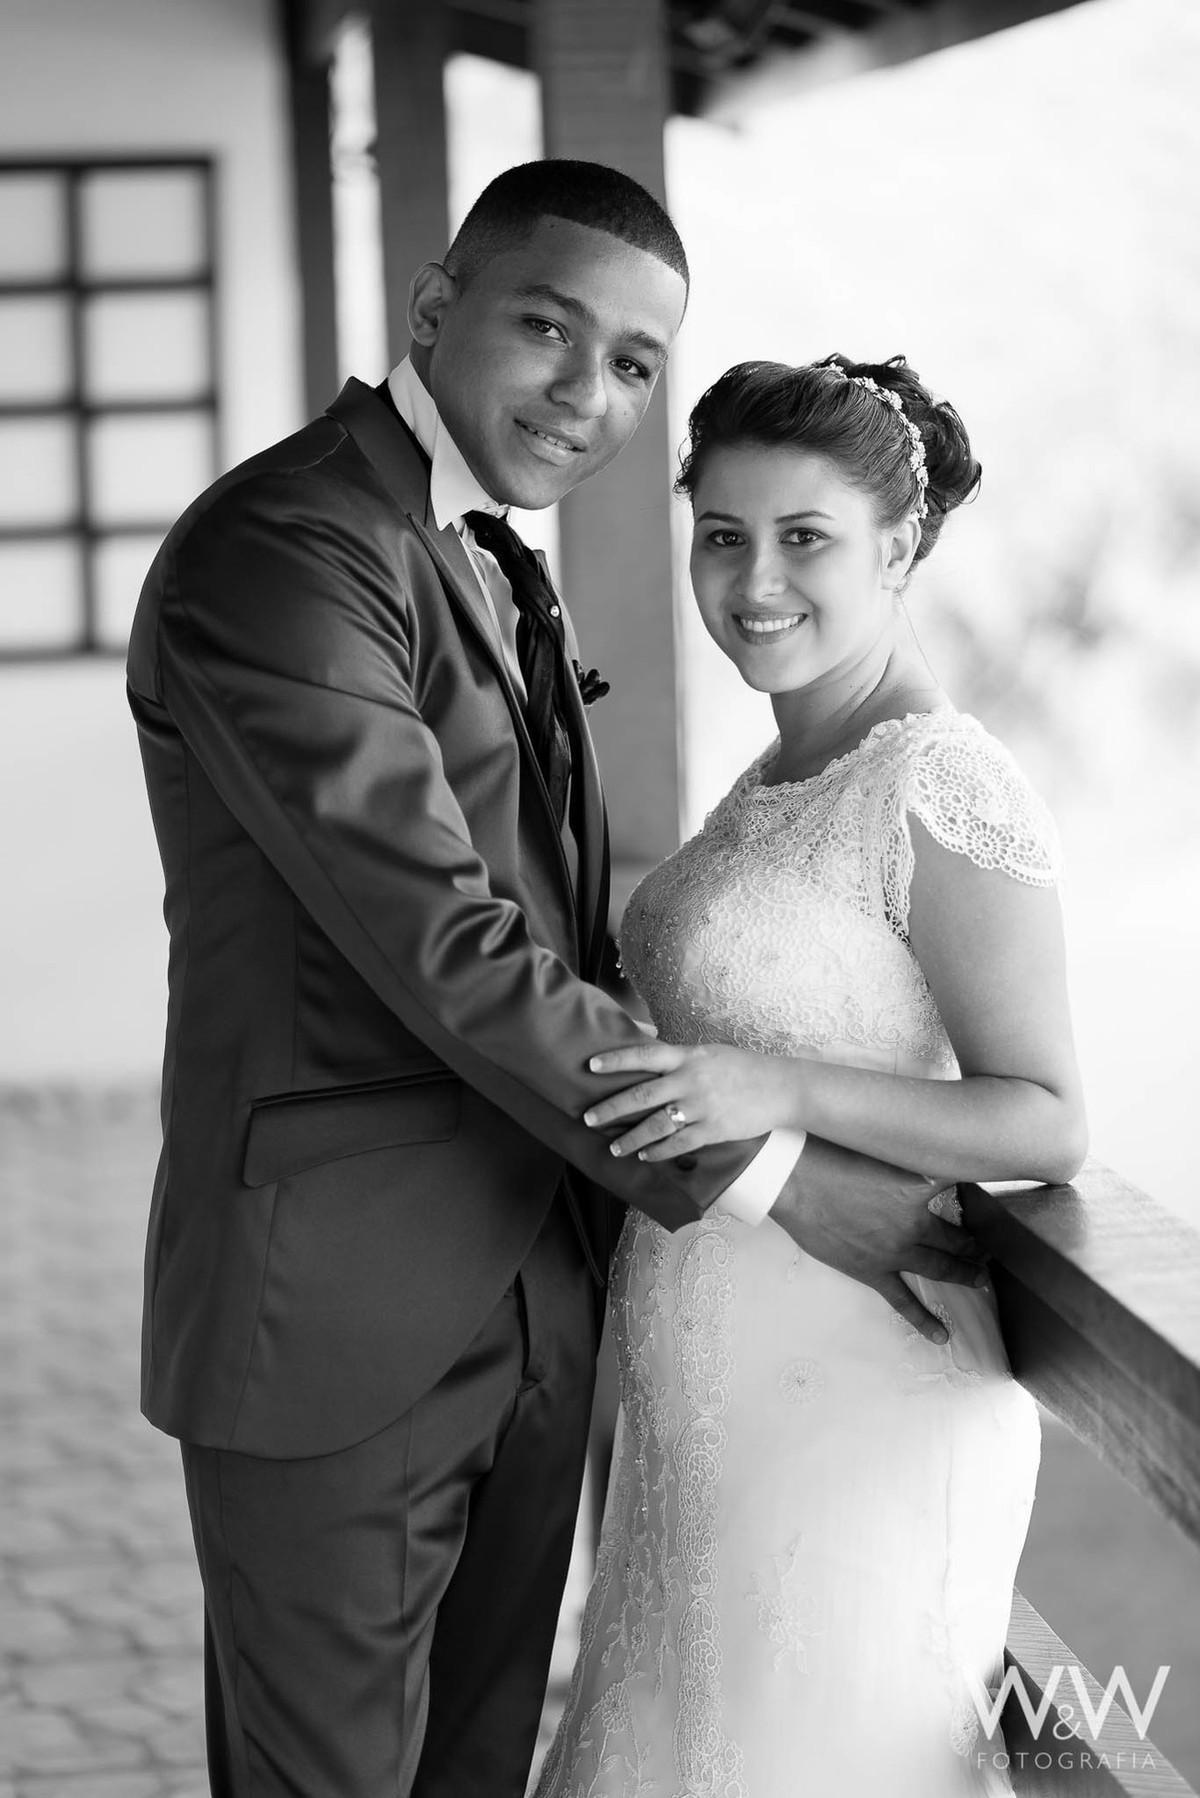 ccasamento  mairiporã são paulo casal wew fotografia